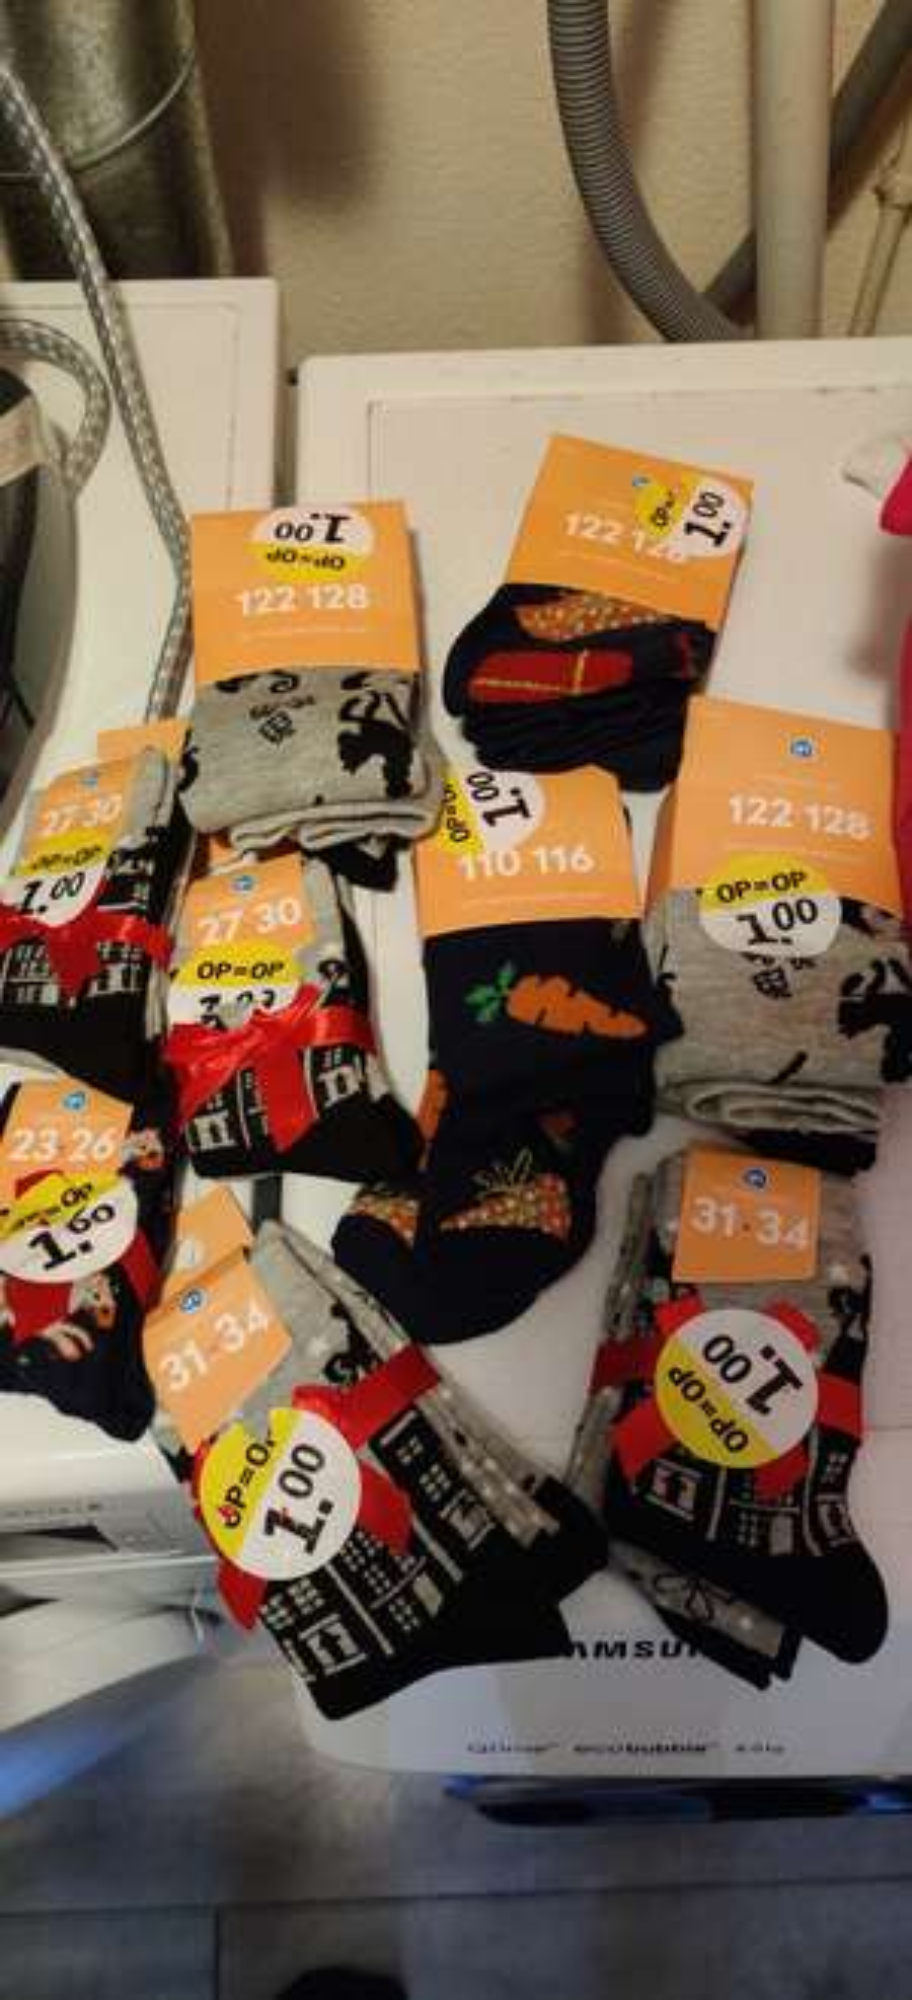 (lokaal?)Sinterklaas-sokken/maillots 1 euro